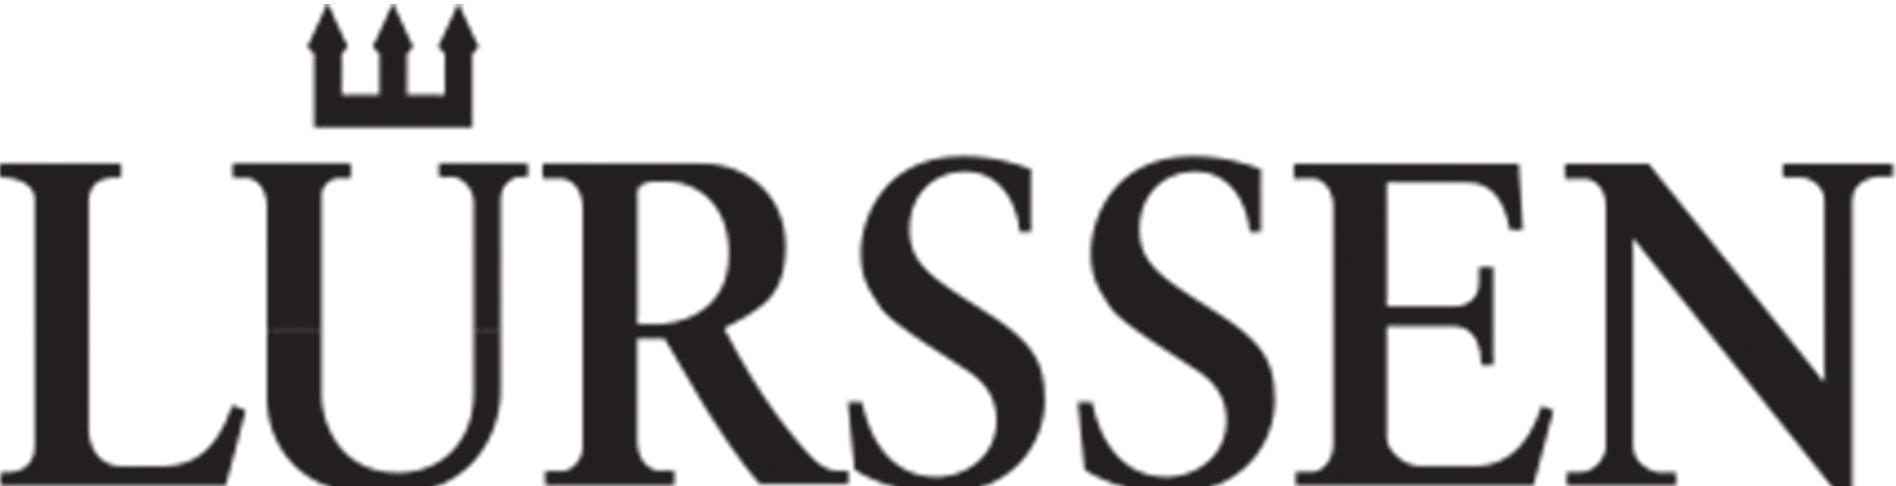 Lurssen logo Metalfinish Group